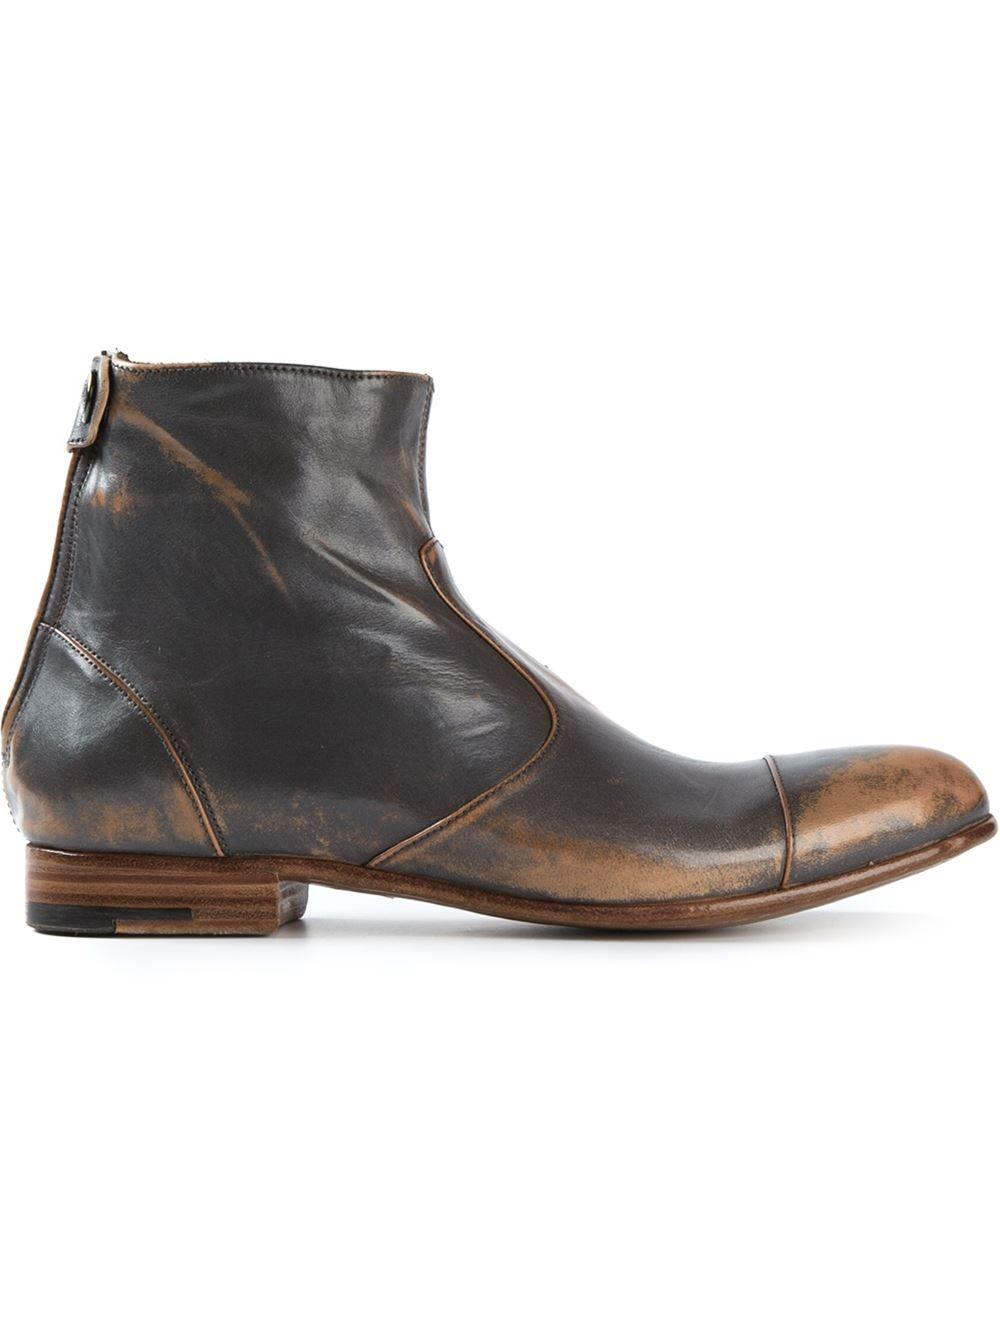 Alberto Fasciani Ankle Boot - Tassinari - Farfetch.com